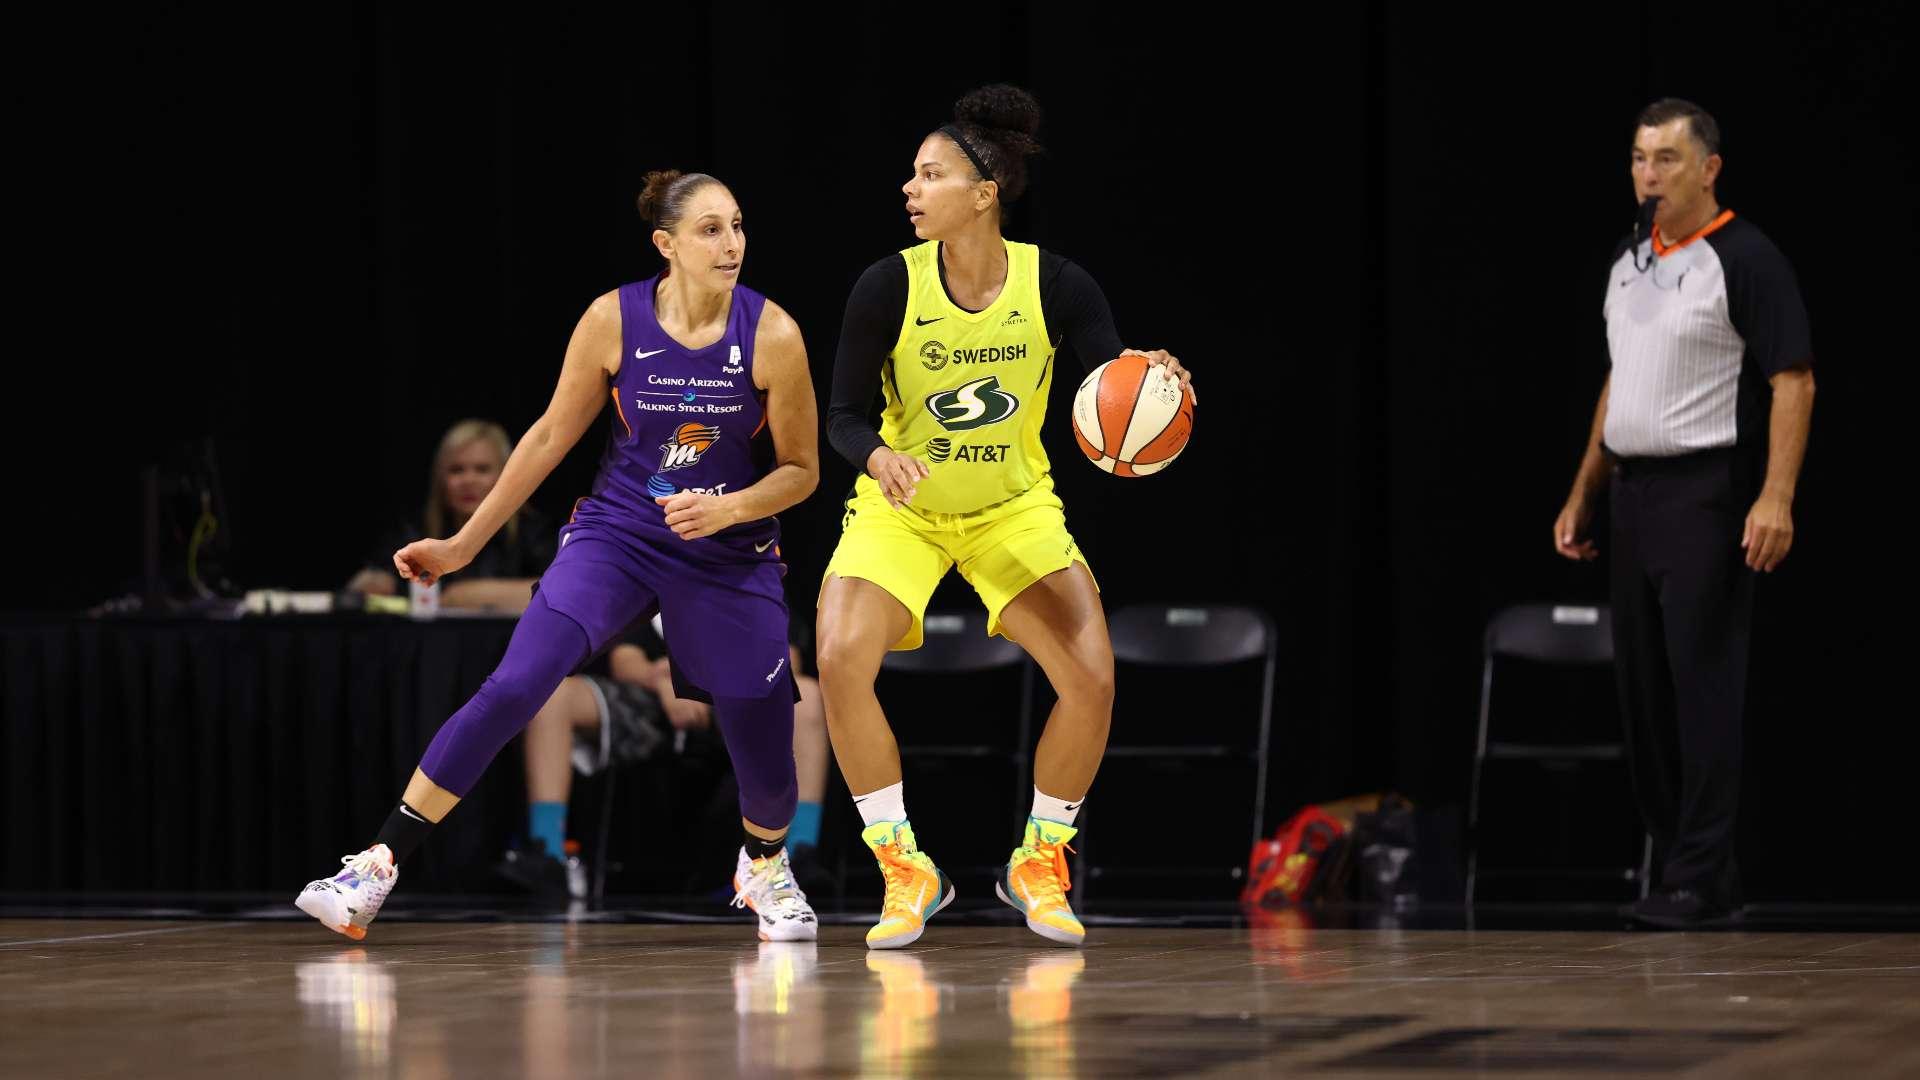 El repaso de la segunda semana de la temporada 2020 de la WNBA   NBA.com México   El sitio oficial de la NBA